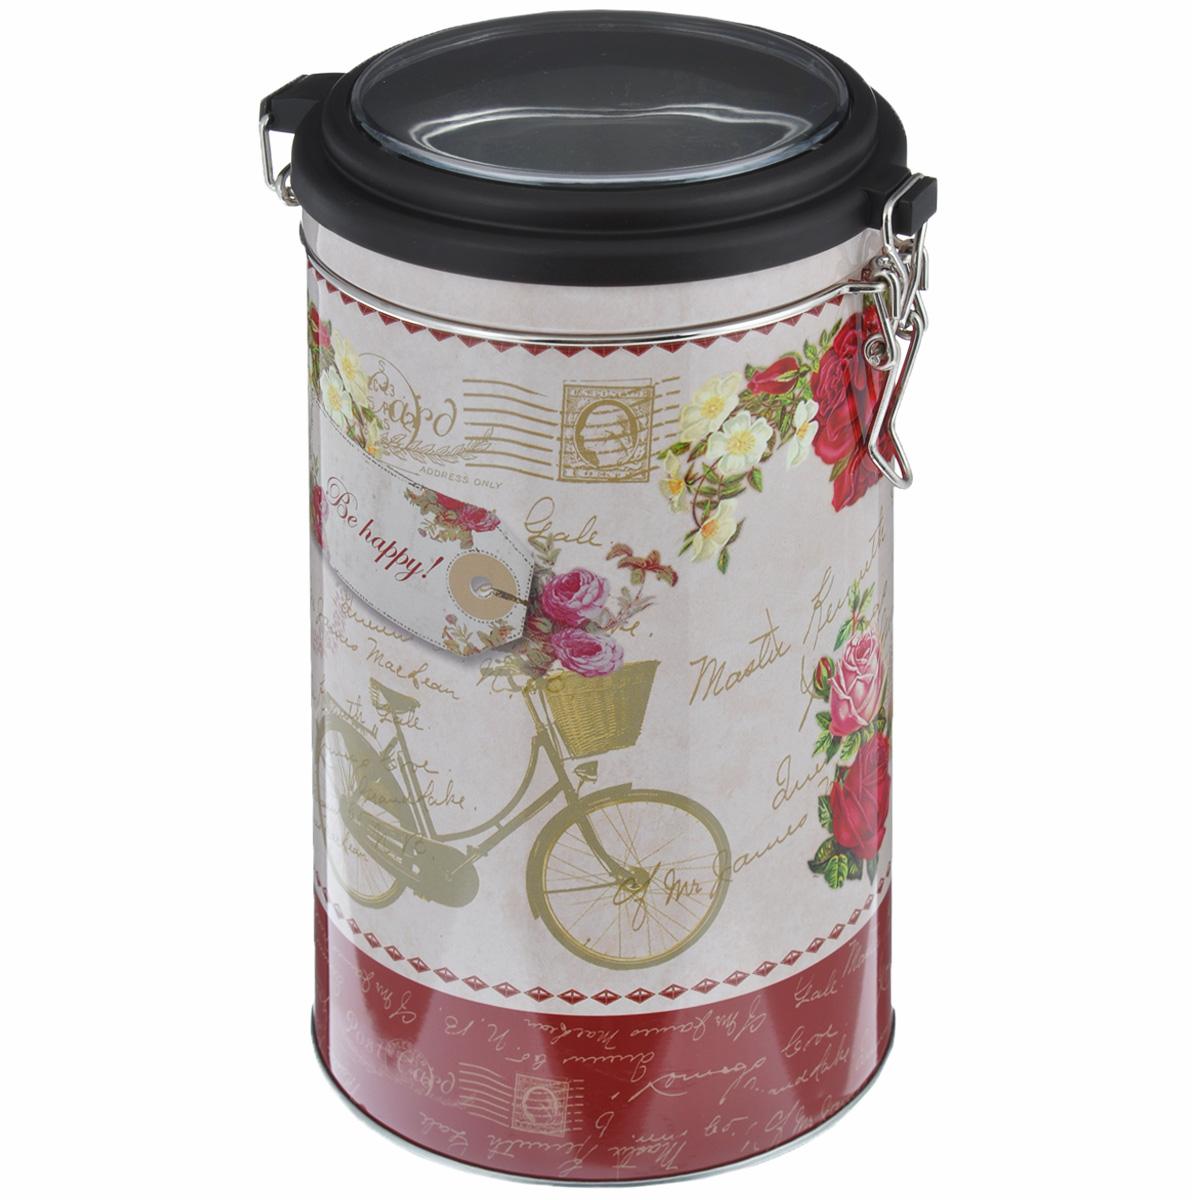 Банка для сыпучих продуктов Феникс-презент Велосипед, 1,8 л37638Банка для сыпучих продуктов Феникс-презент Велосипед, изготовленная из окрашенного черного металла, оформлена ярким рисунком. Банка прекрасно подойдет для хранения различных сыпучих продуктов: специй, чая, кофе, сахара, круп и многого другого. Емкость плотно закрывается прозрачной пластиковой крышкой на металлический замок. Благодаря этому она будет дольше сохранять свежесть ваших продуктов.Функциональная и вместительная, такая банка станет незаменимым аксессуаром на любой кухне. Нельзя мыть в посудомоечной машине.Объем банки: 1,8 л.Высота банки (без учета крышки): 17,4 см. Диаметр банки (по верхнему краю): 10,5 см.